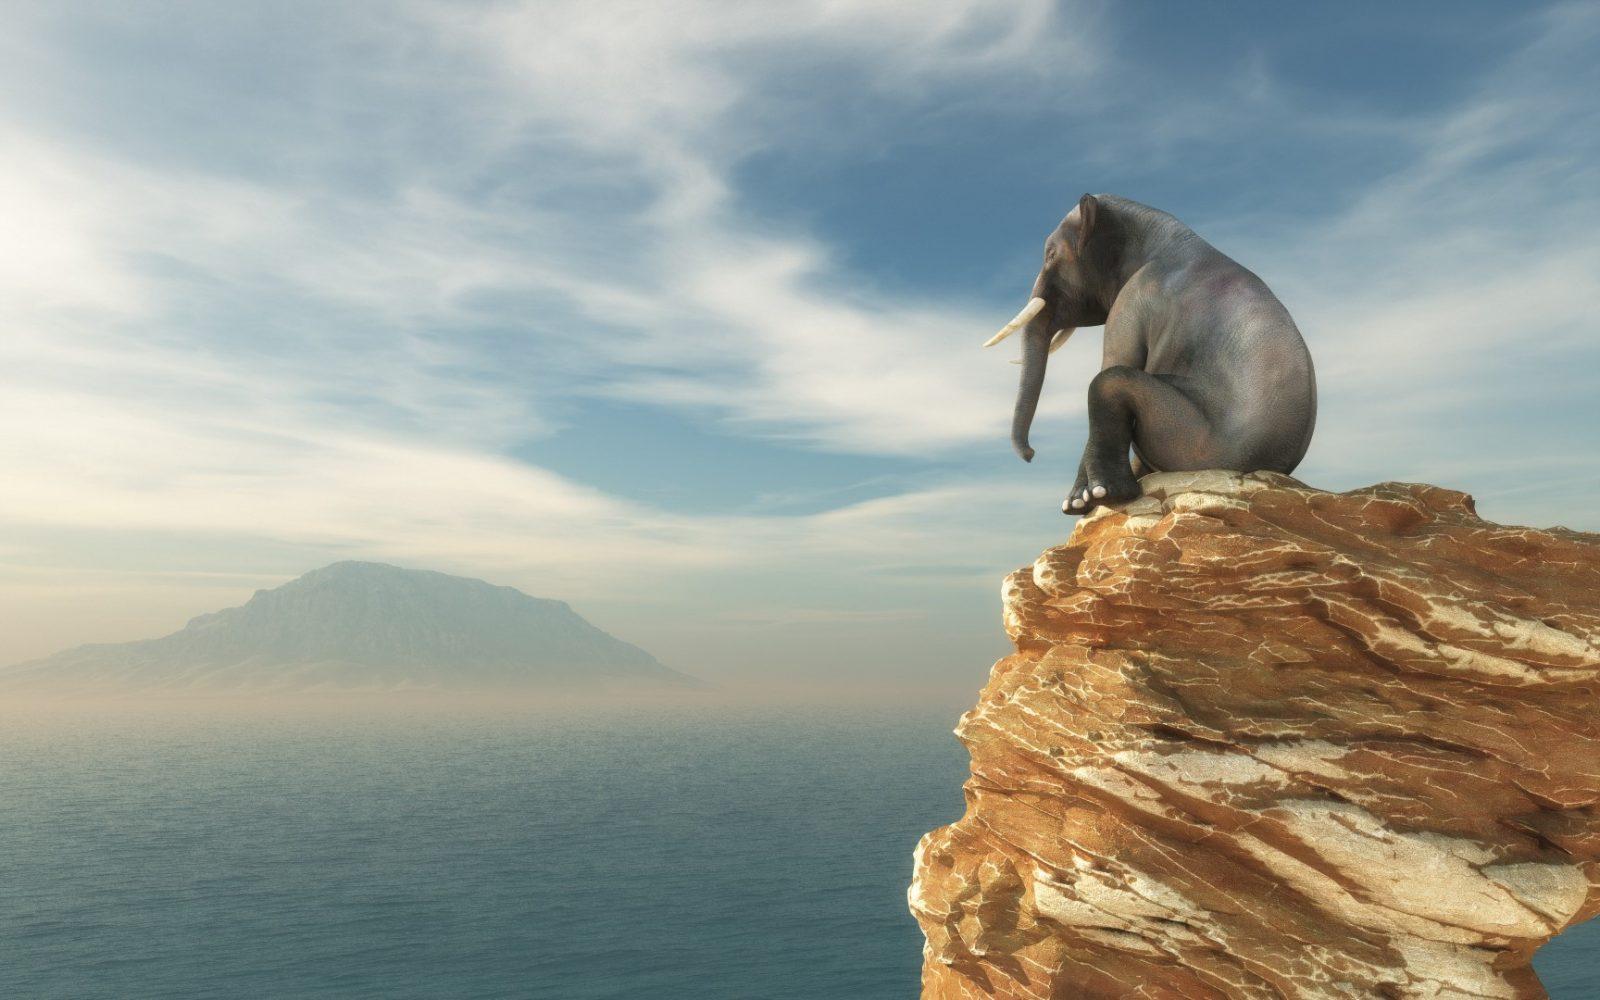 DLF - Digital Leaders Fund - Elefant auf einem Stein schaut auf einen Berg am Horizont